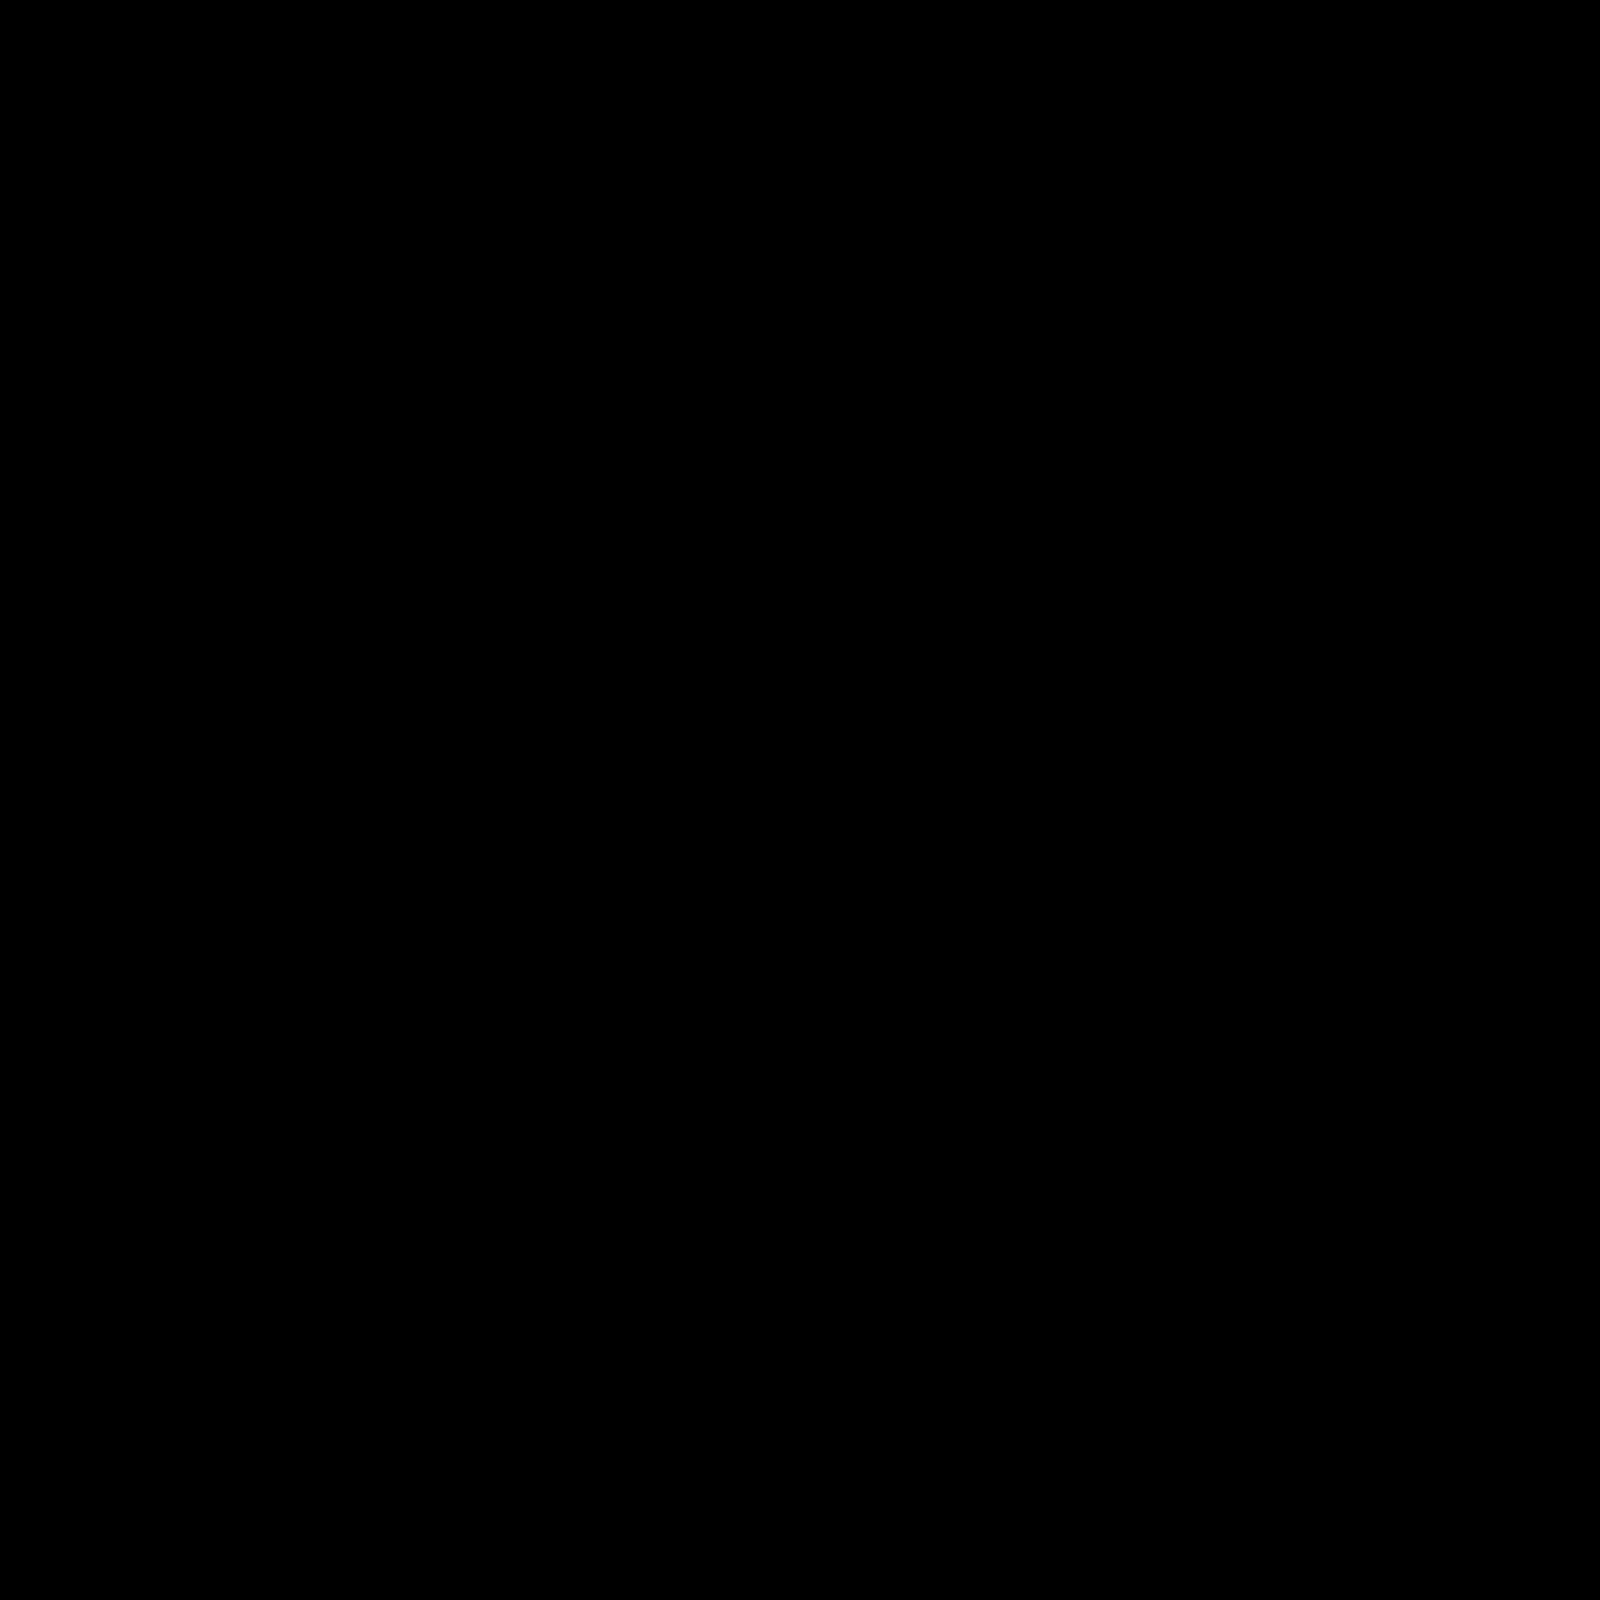 Świątynia icon